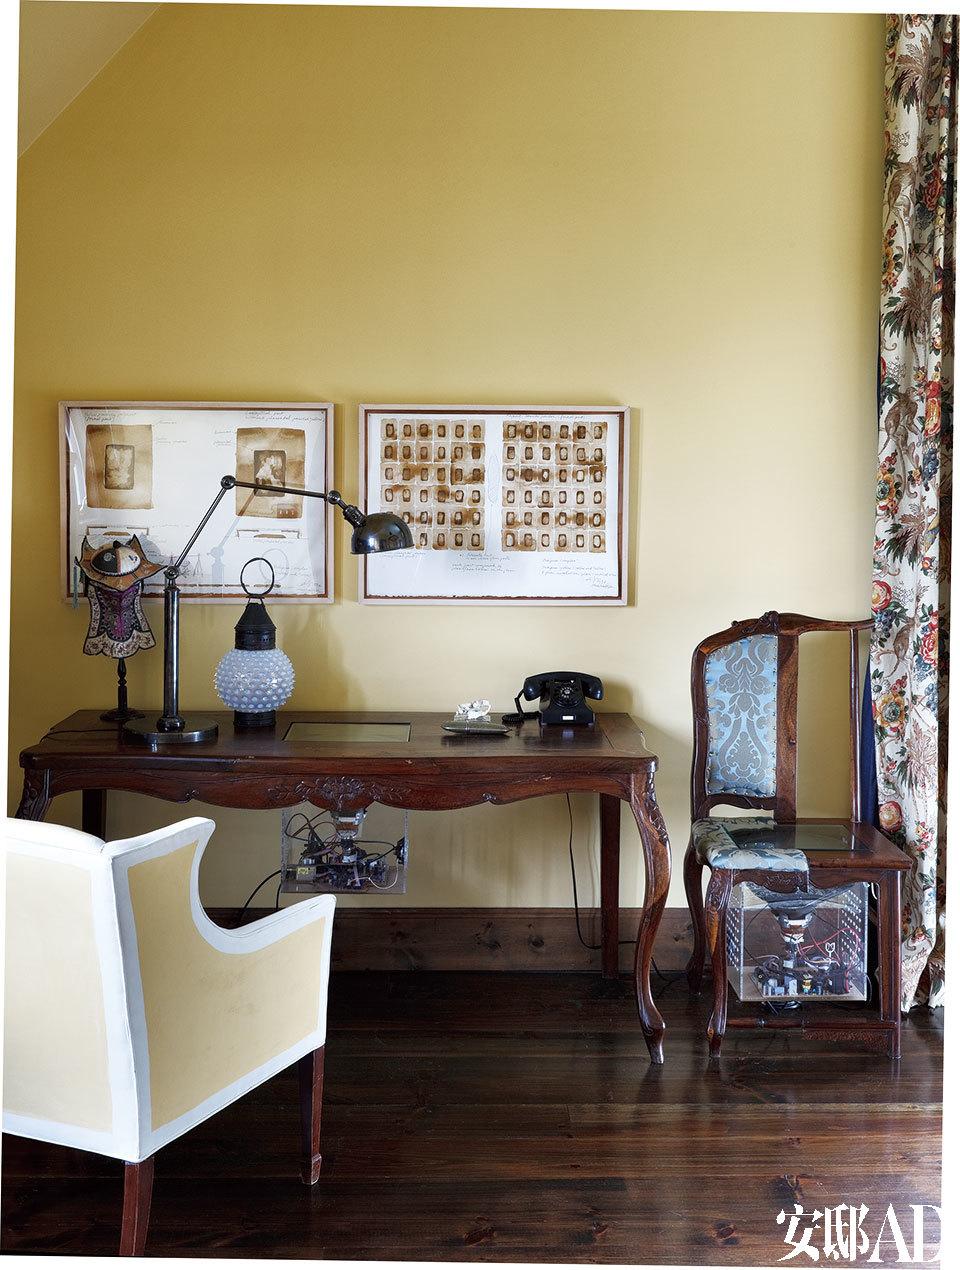 """主卧内的 """"Video""""桌椅是谷文达的一个艺术装置,椅子一半是法国的""""路易十五"""",另一半是""""中国明代""""。"""